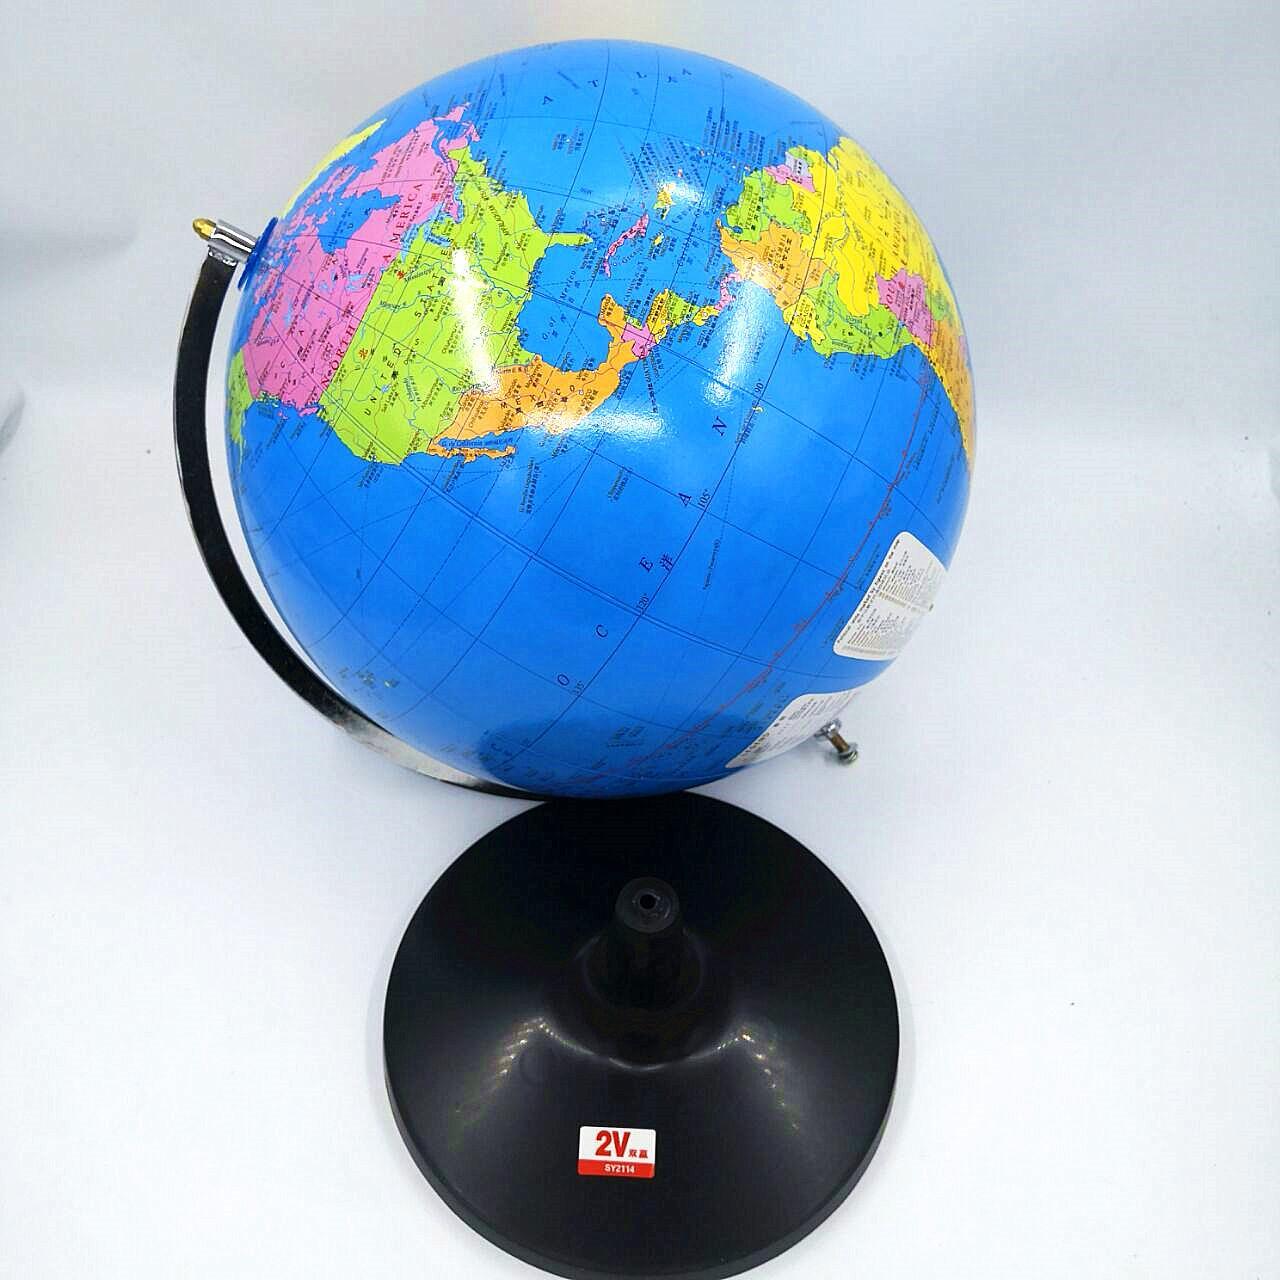 Mua Quả địa cầu - dụng cụ học tập cần thiết cho bé